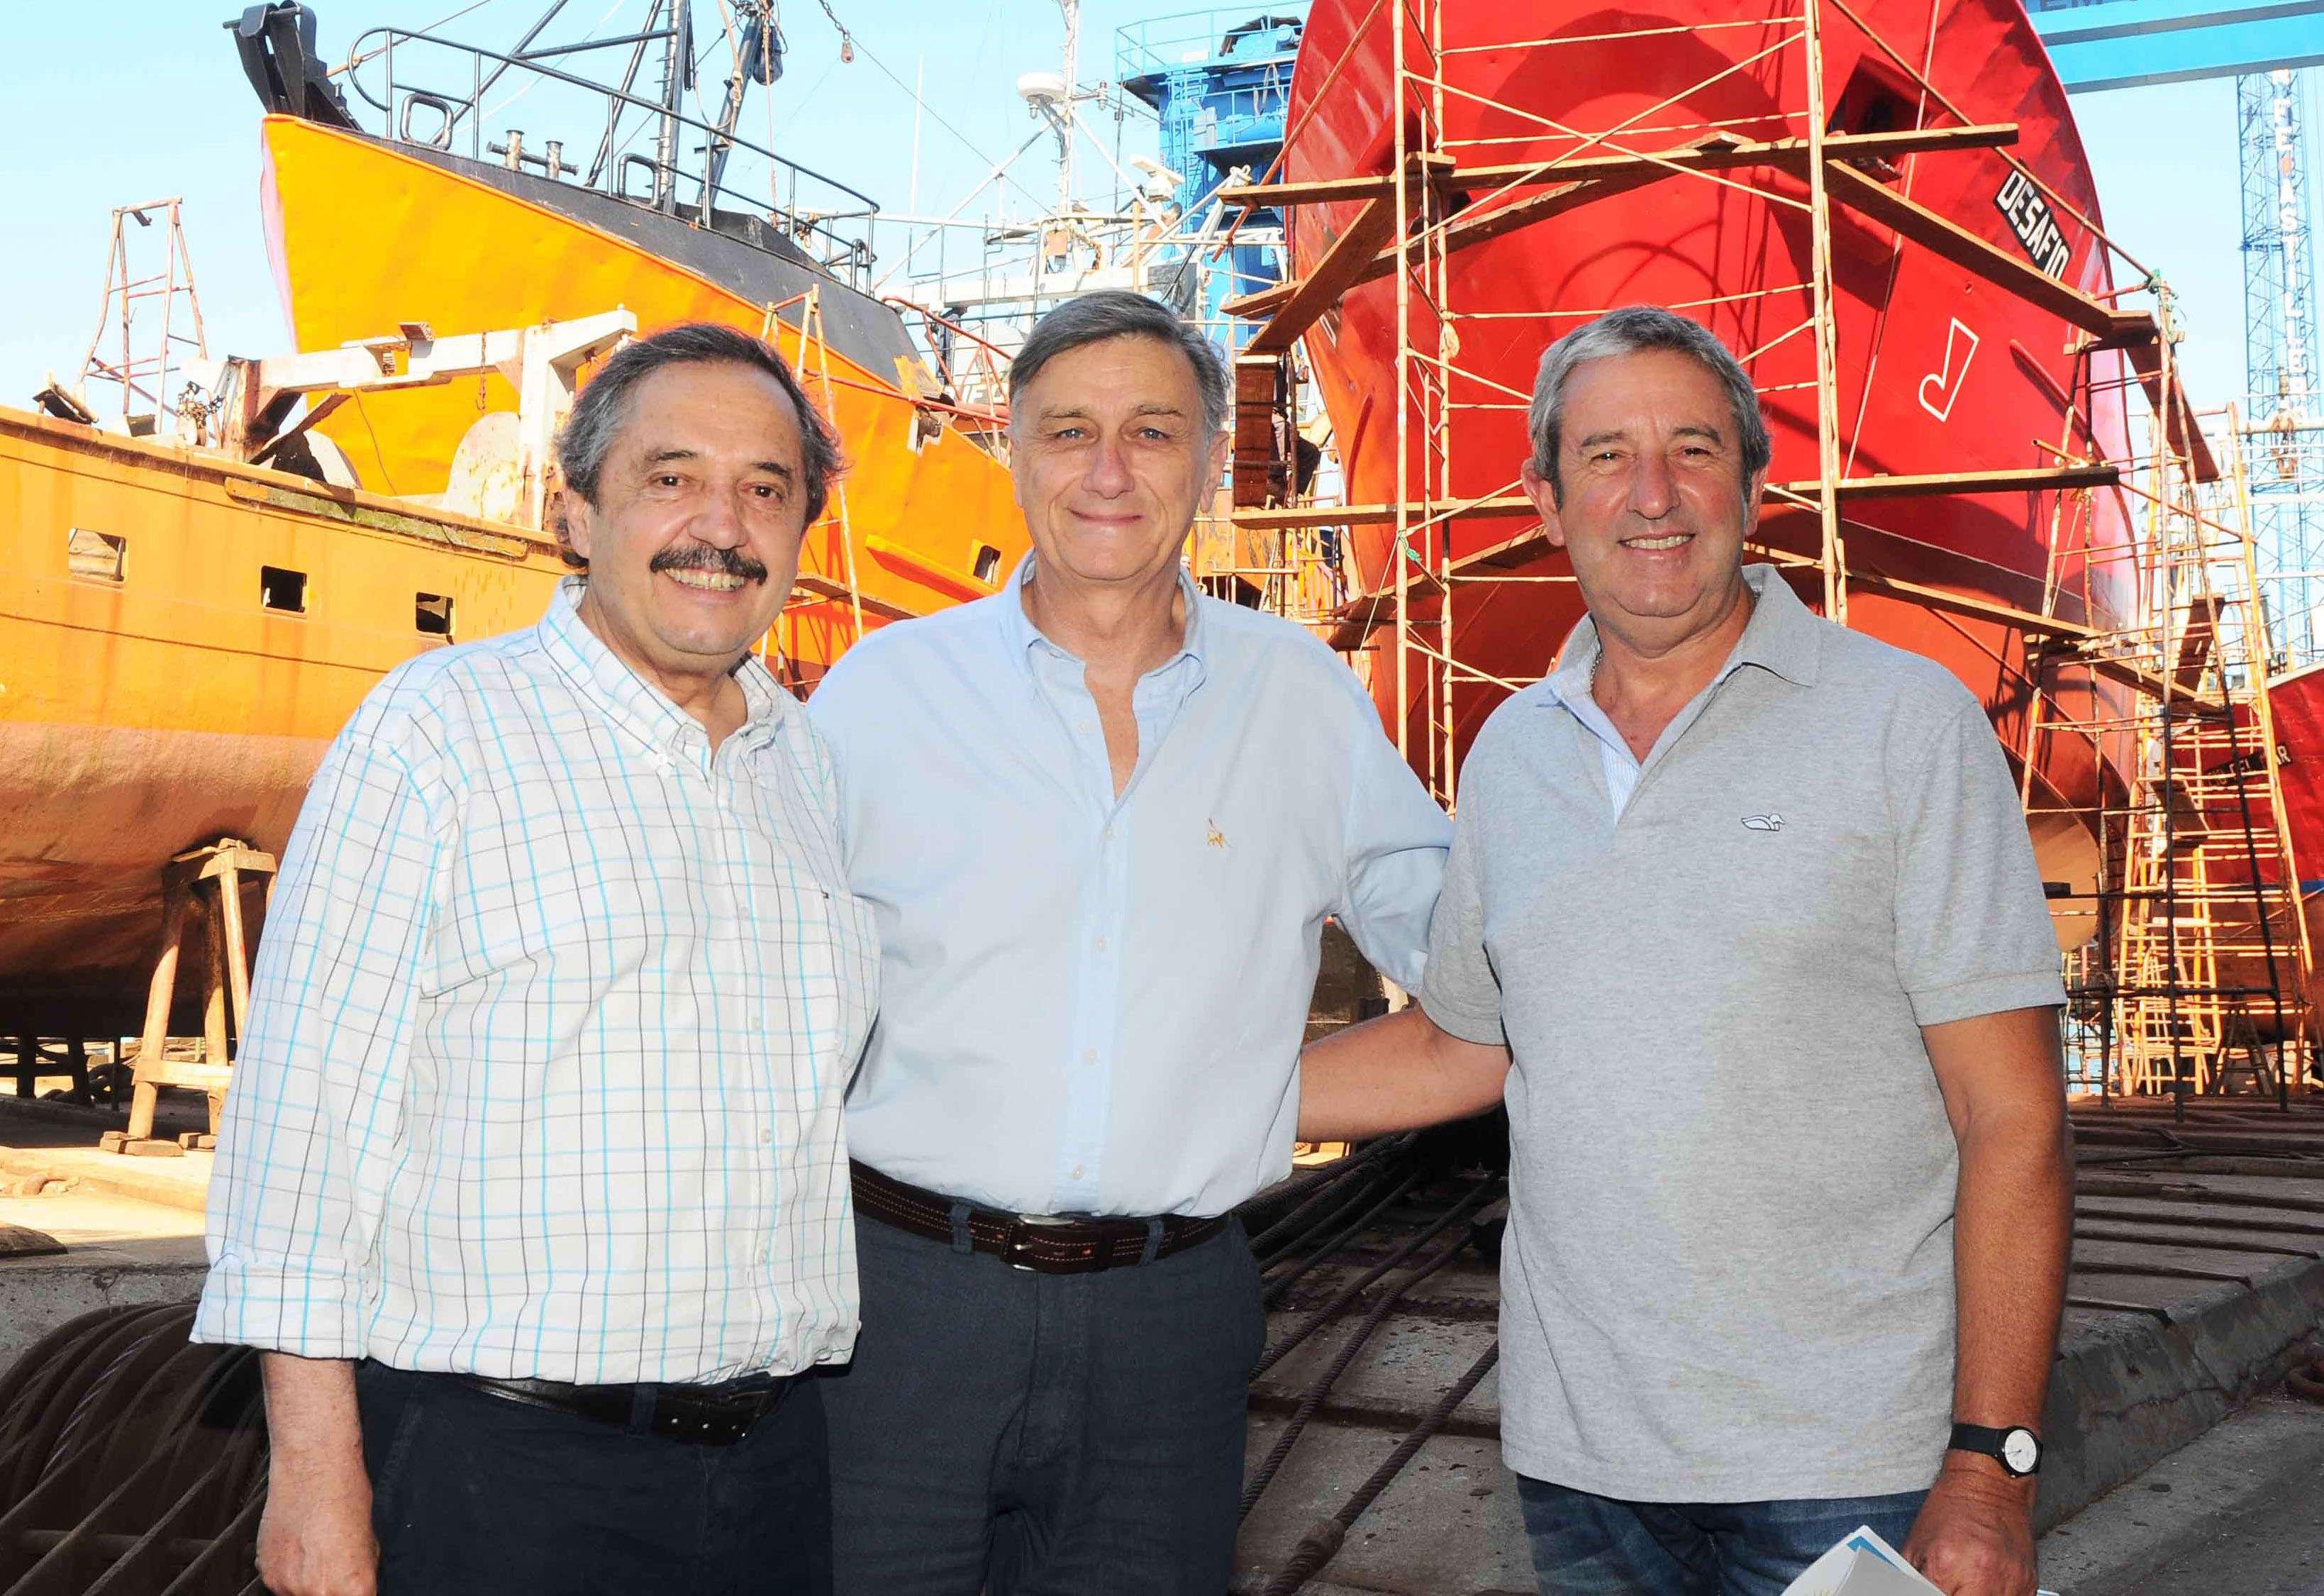 El diputado Ricardo Alfonsín, junto a Hermes Binner y Julio Cobos. Foto: NA